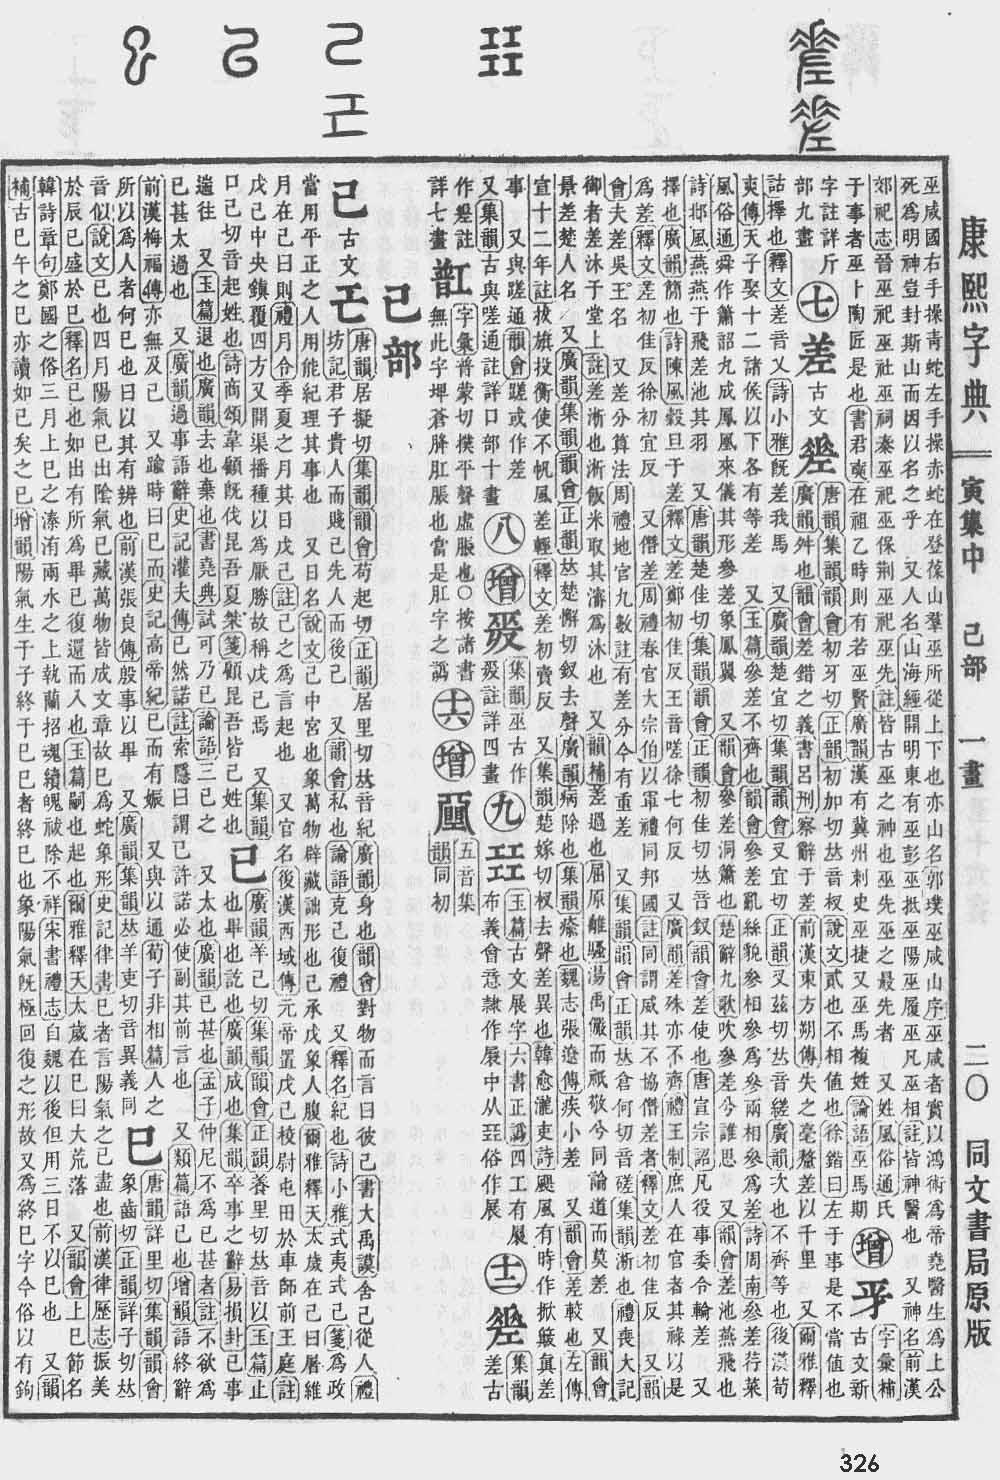 《康熙字典》第326页